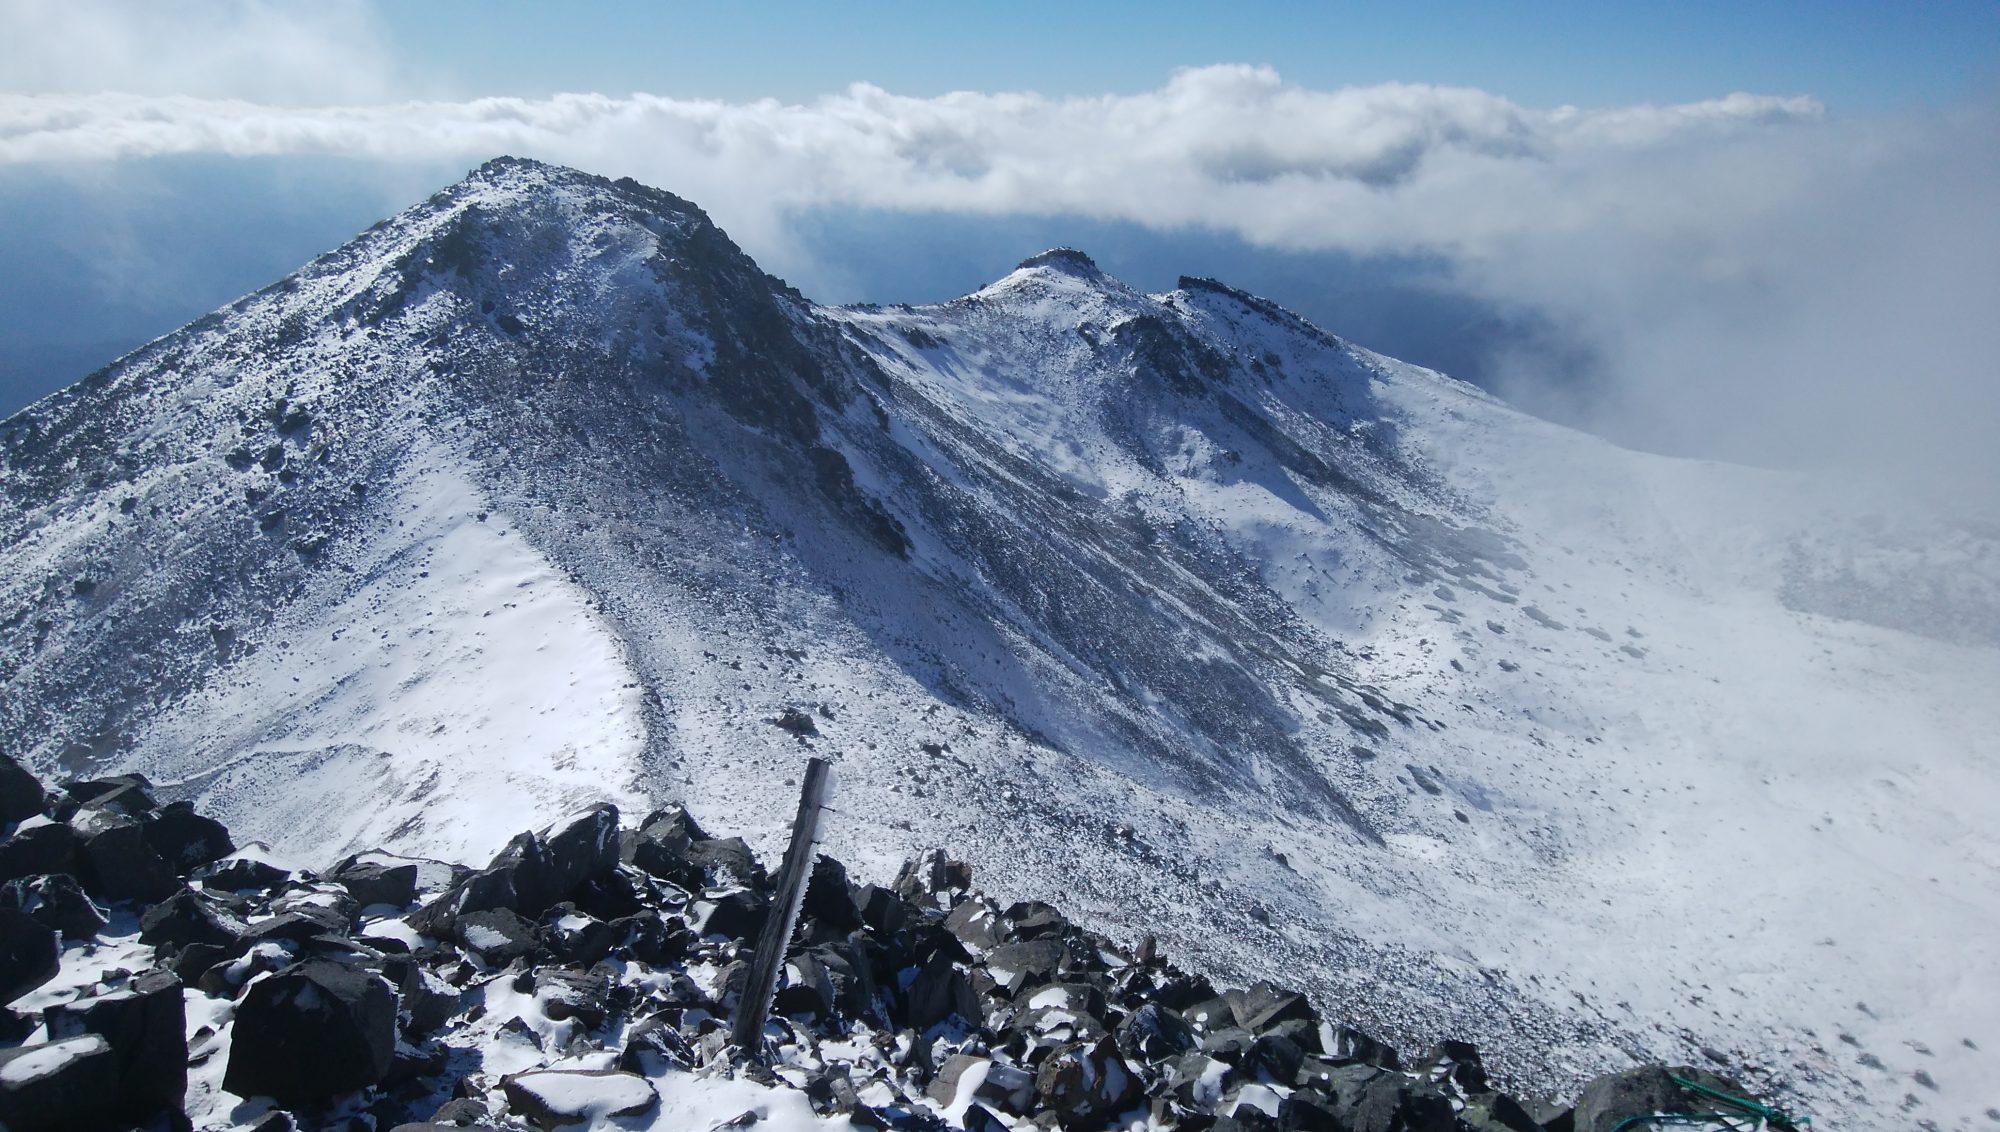 山が好きなら白銀の山へも登ってほしいものだが、グリーンシーズンとは別物だ